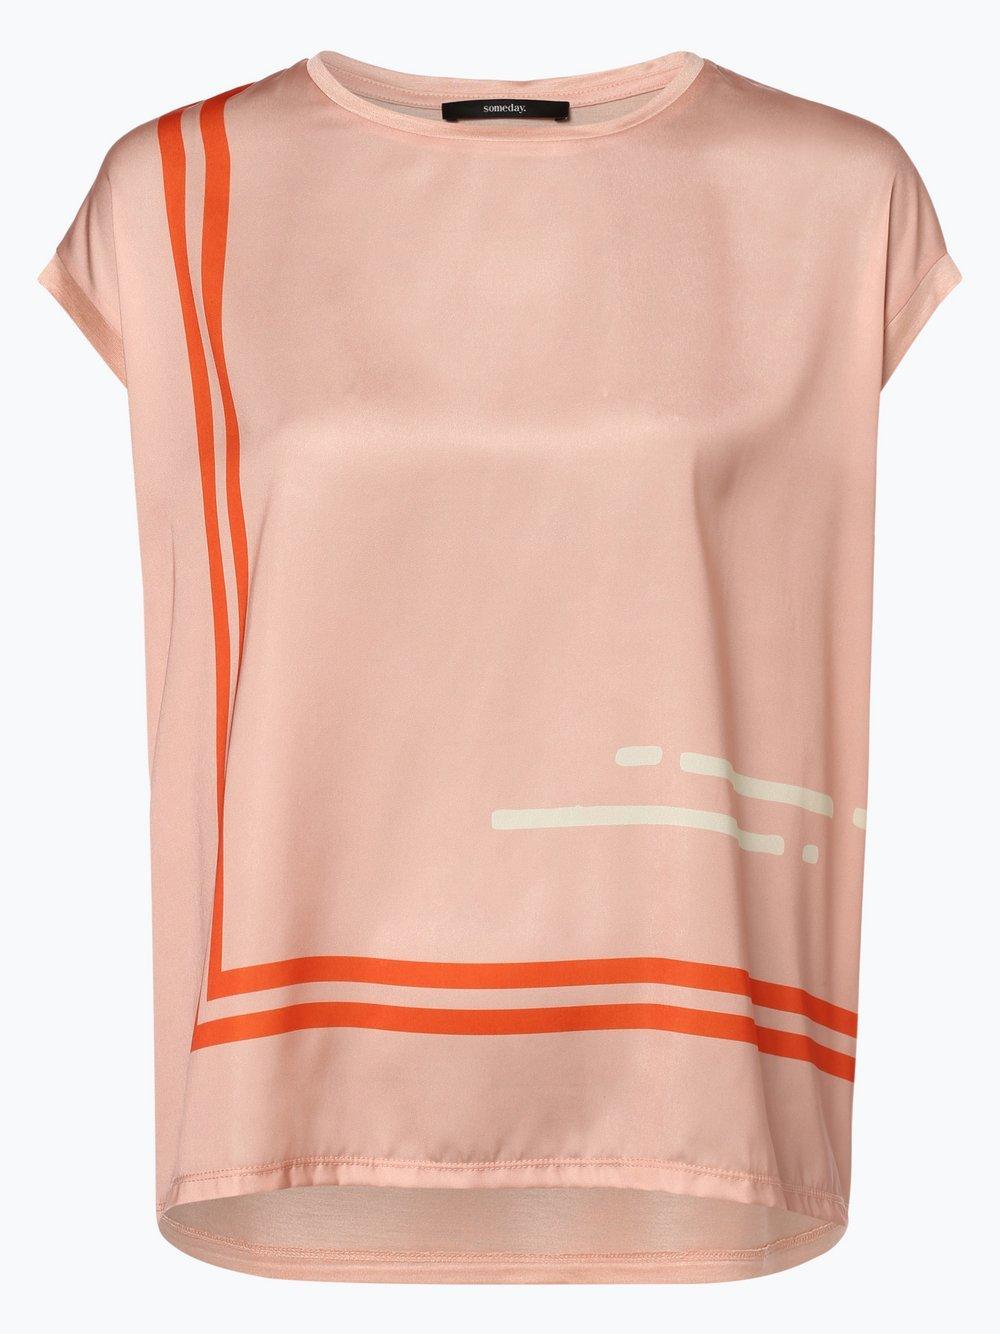 someday damen blusentop - kori line online kaufen   peek-und